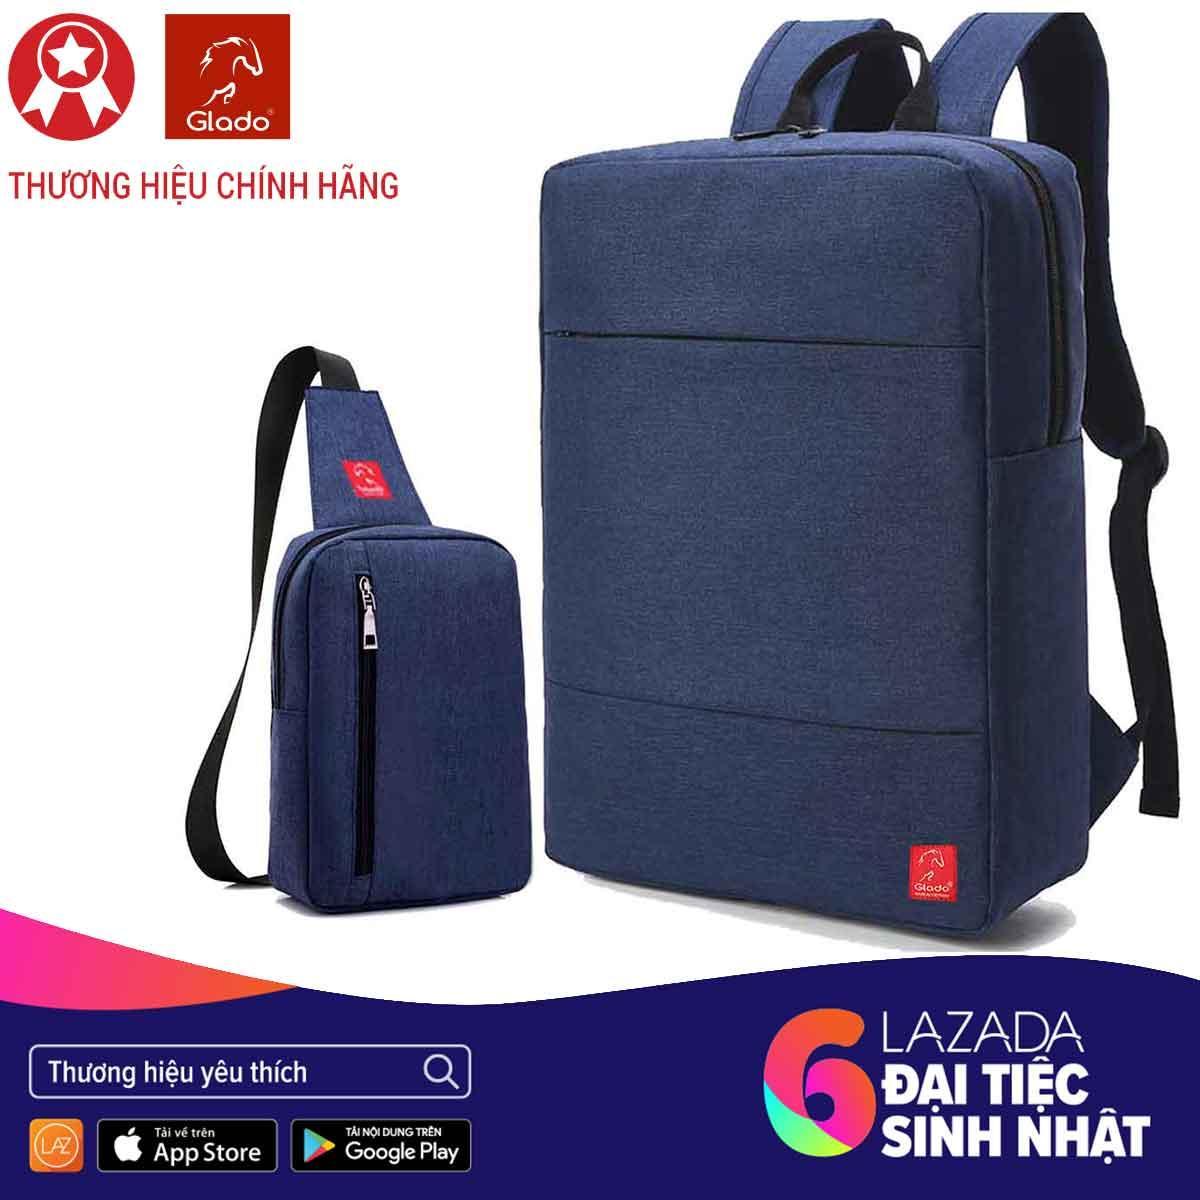 Giá Bán Balo Laptop Nam Zapas Blc010 Xanh Tặng Túi Messenger Glado Dcg026 Hang Phan Phối Chinh Thức Rẻ Nhất